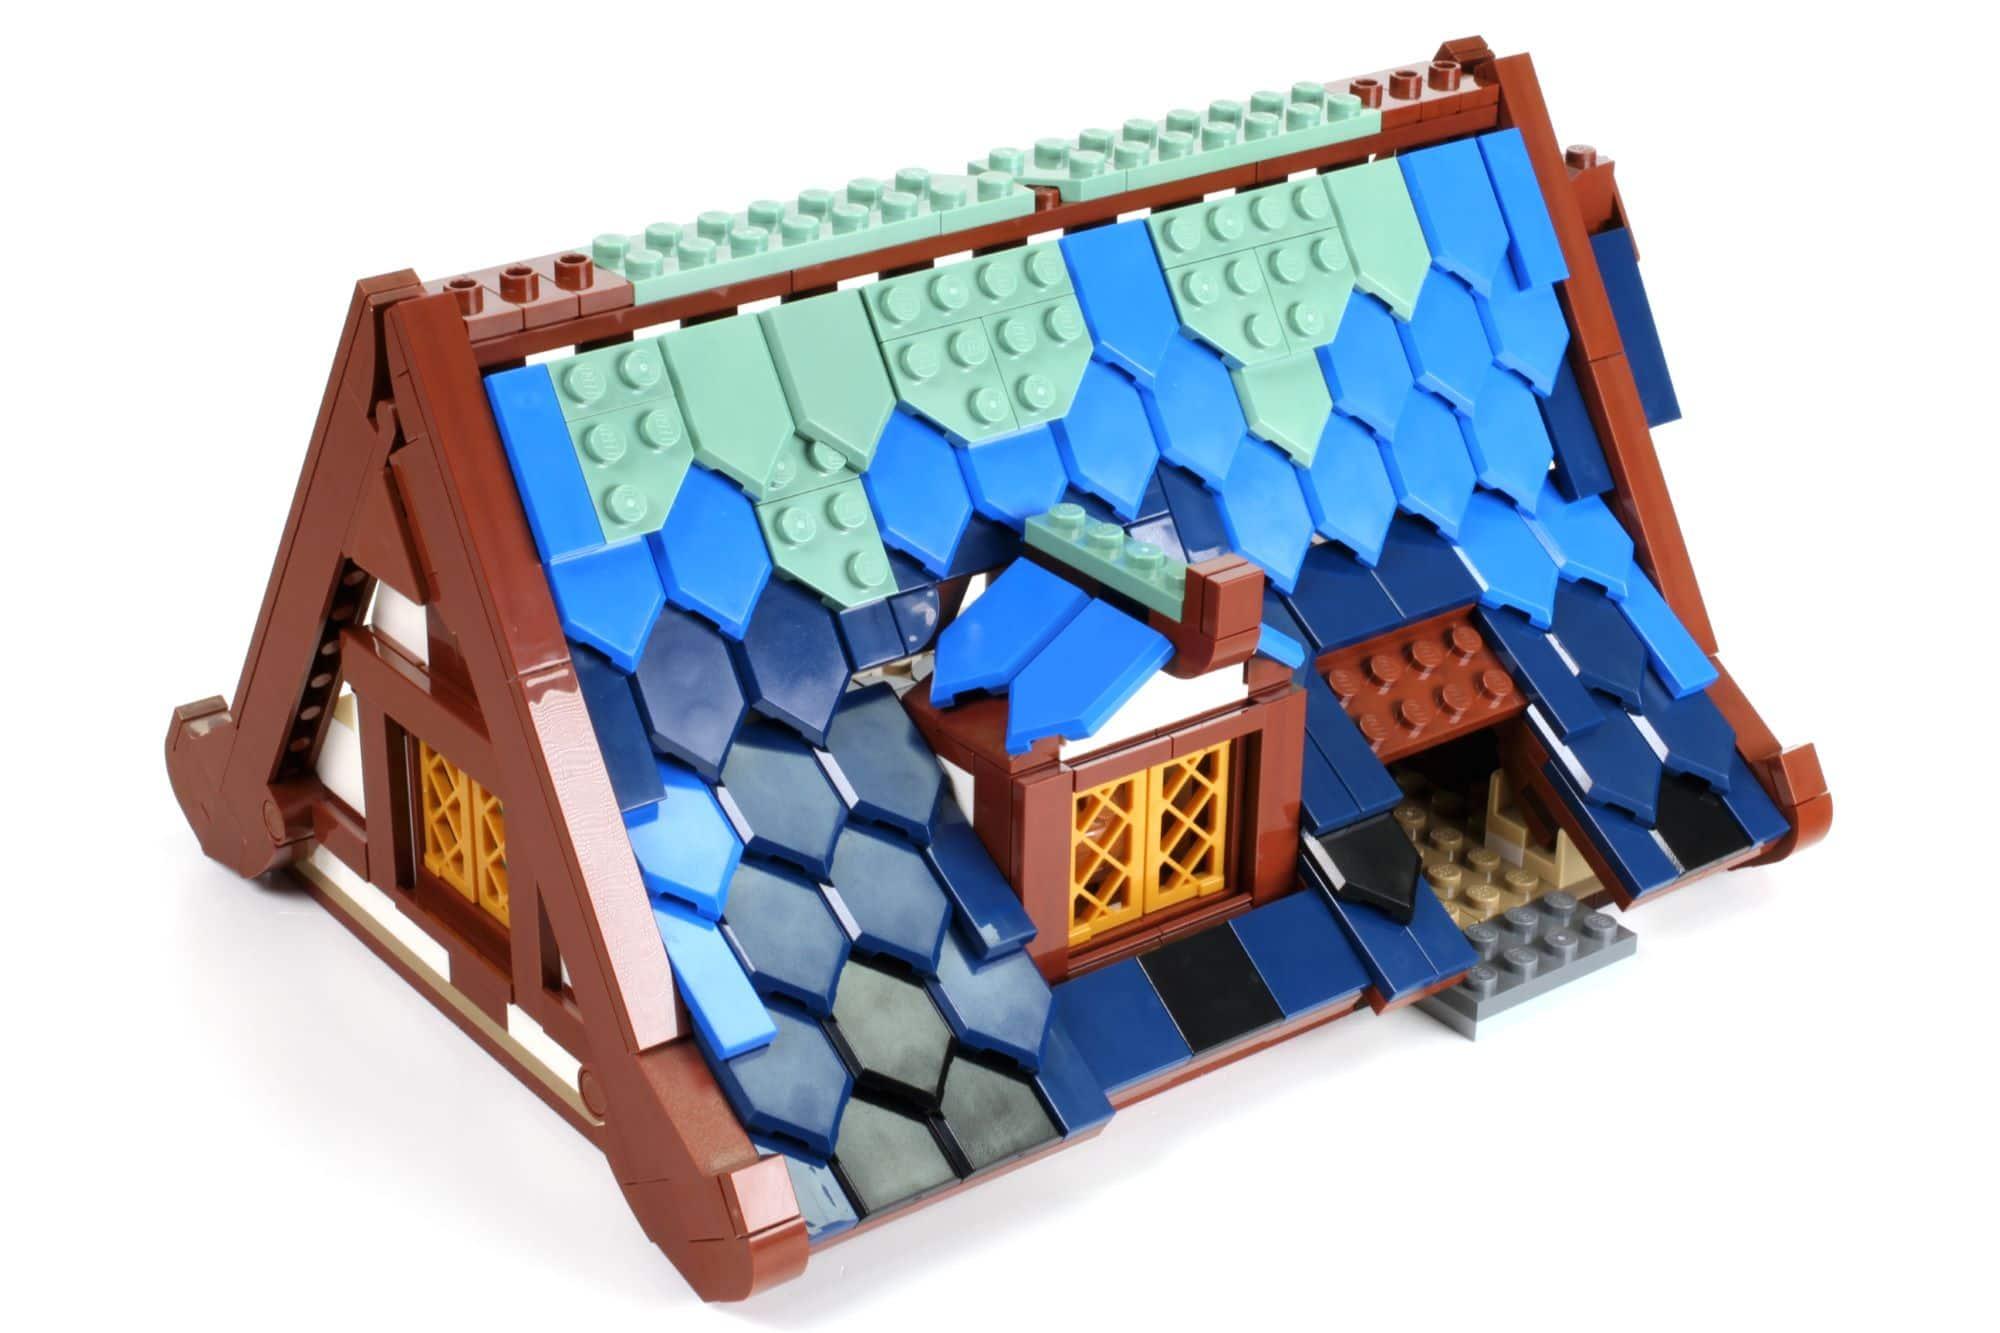 LEGO Ideas 21325 Mittelalterliche Schmiede Bauabschnitt 12 1